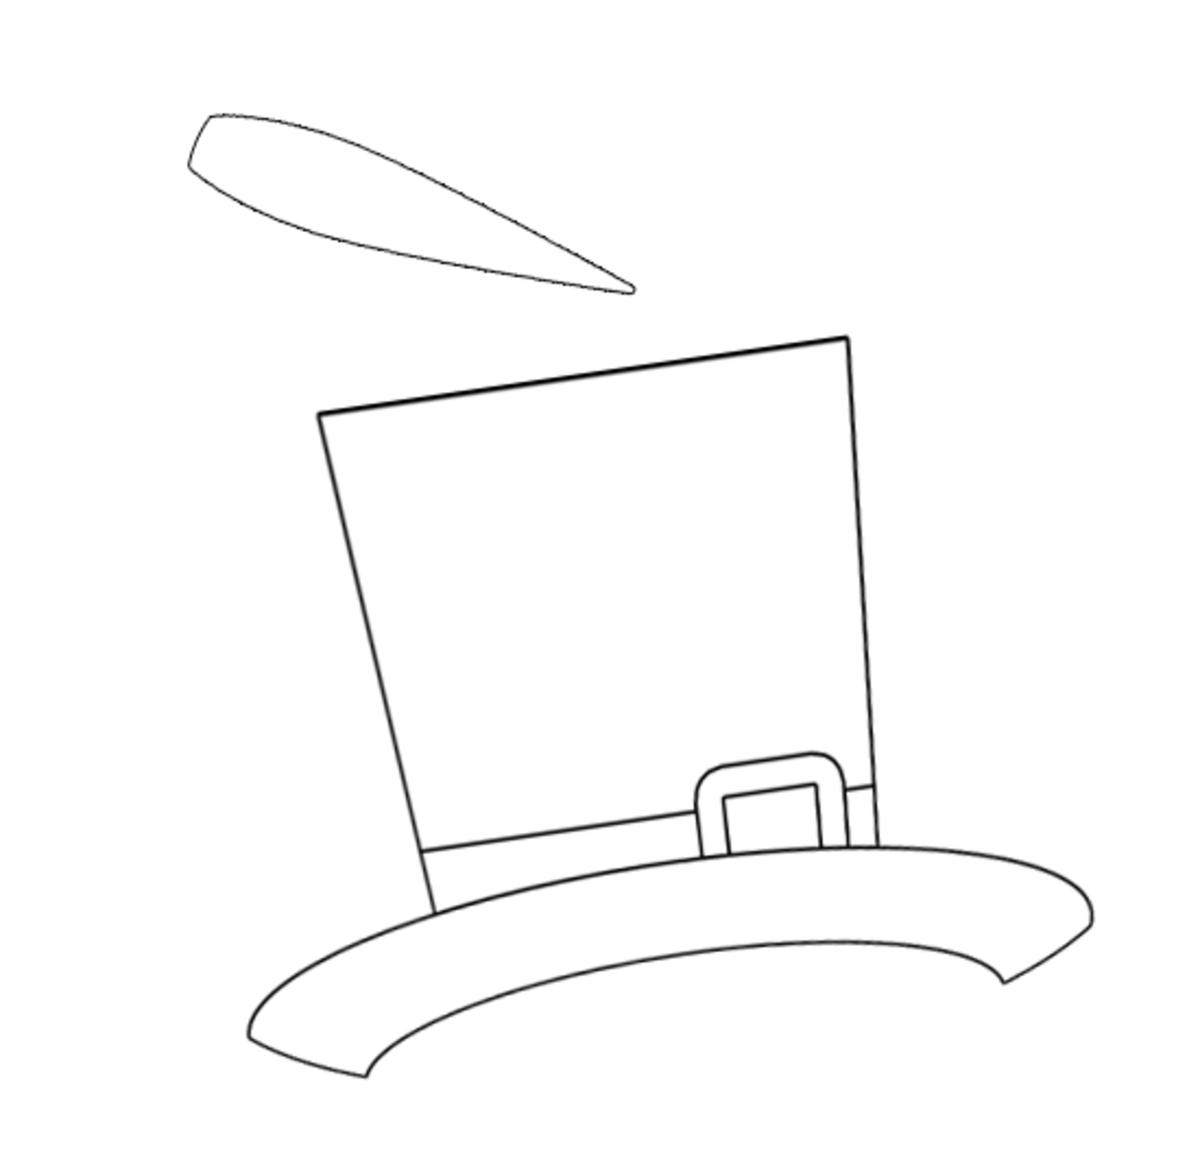 snowman hat amp nose snowman hat coloring page - Snowman Hat Coloring Page